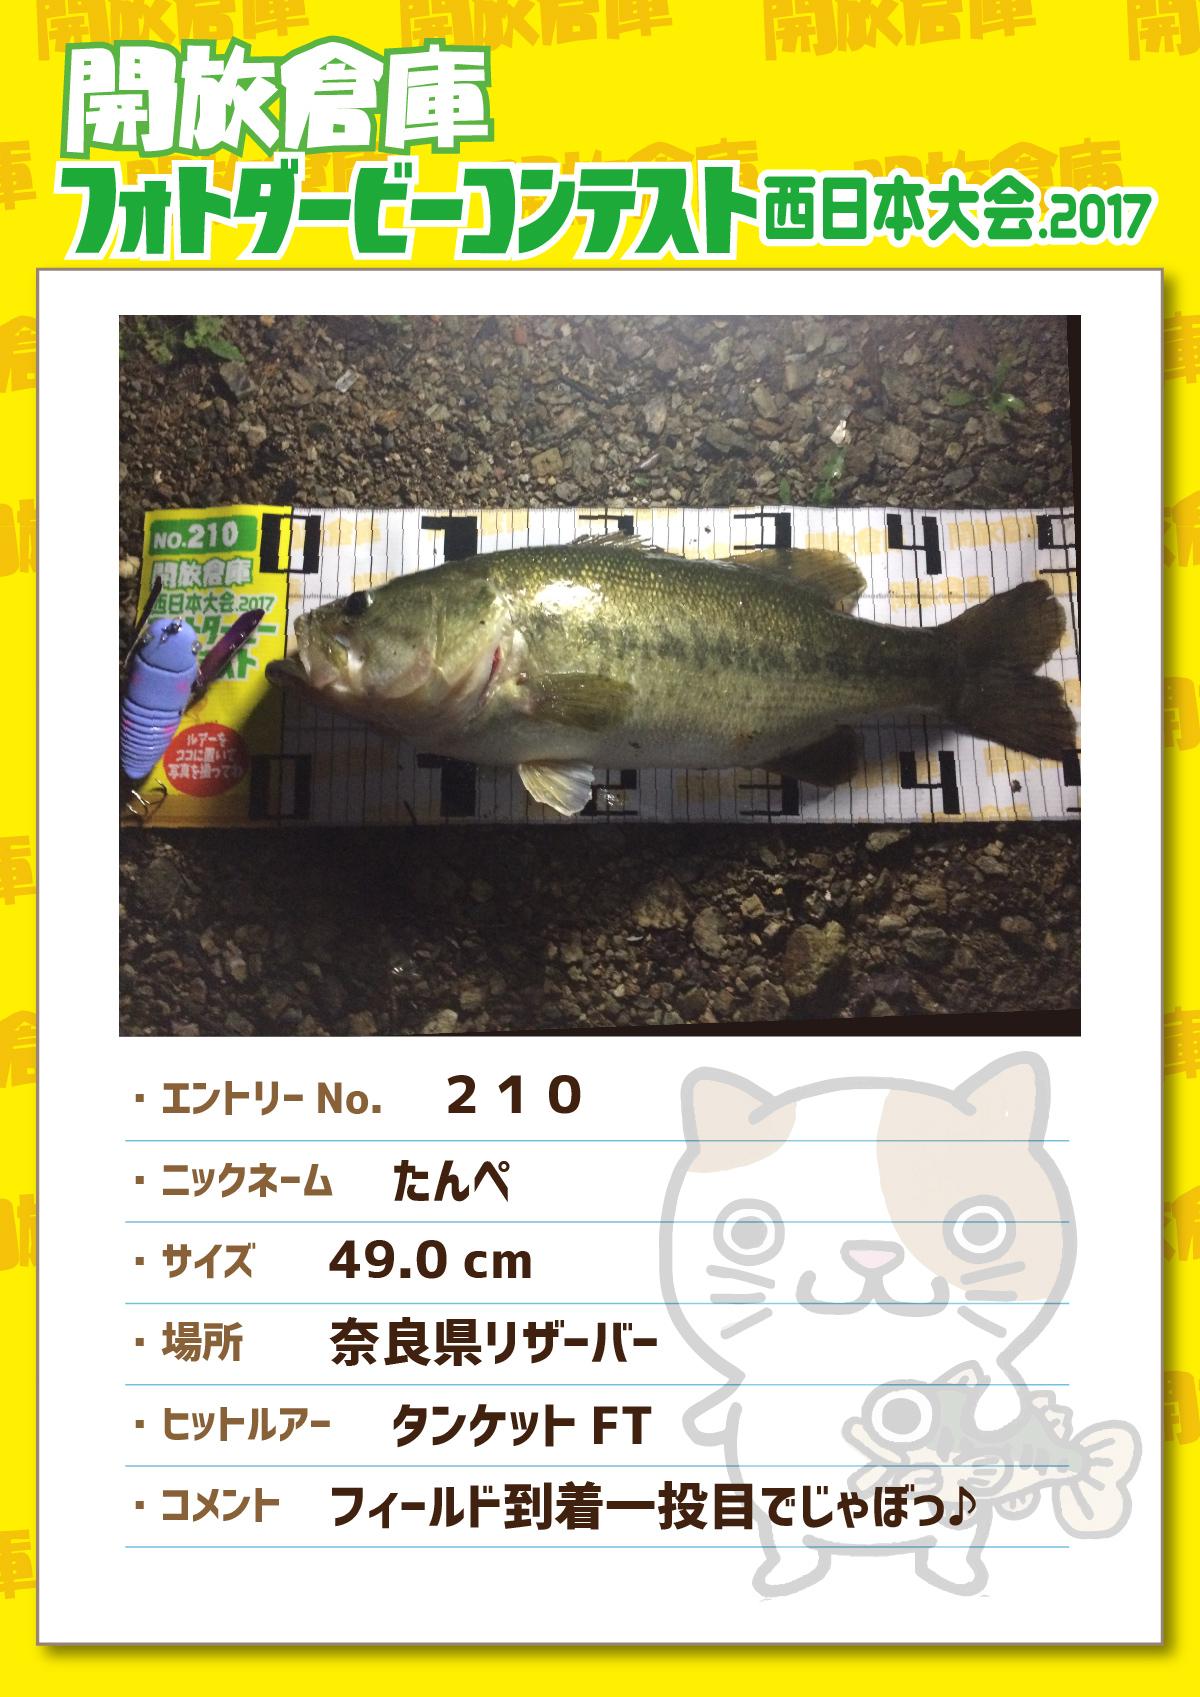 No.210 たんぺ 49.0cm 奈良県リザーバー タンケットFT フィールド到着一投目でじゃぼっ♪